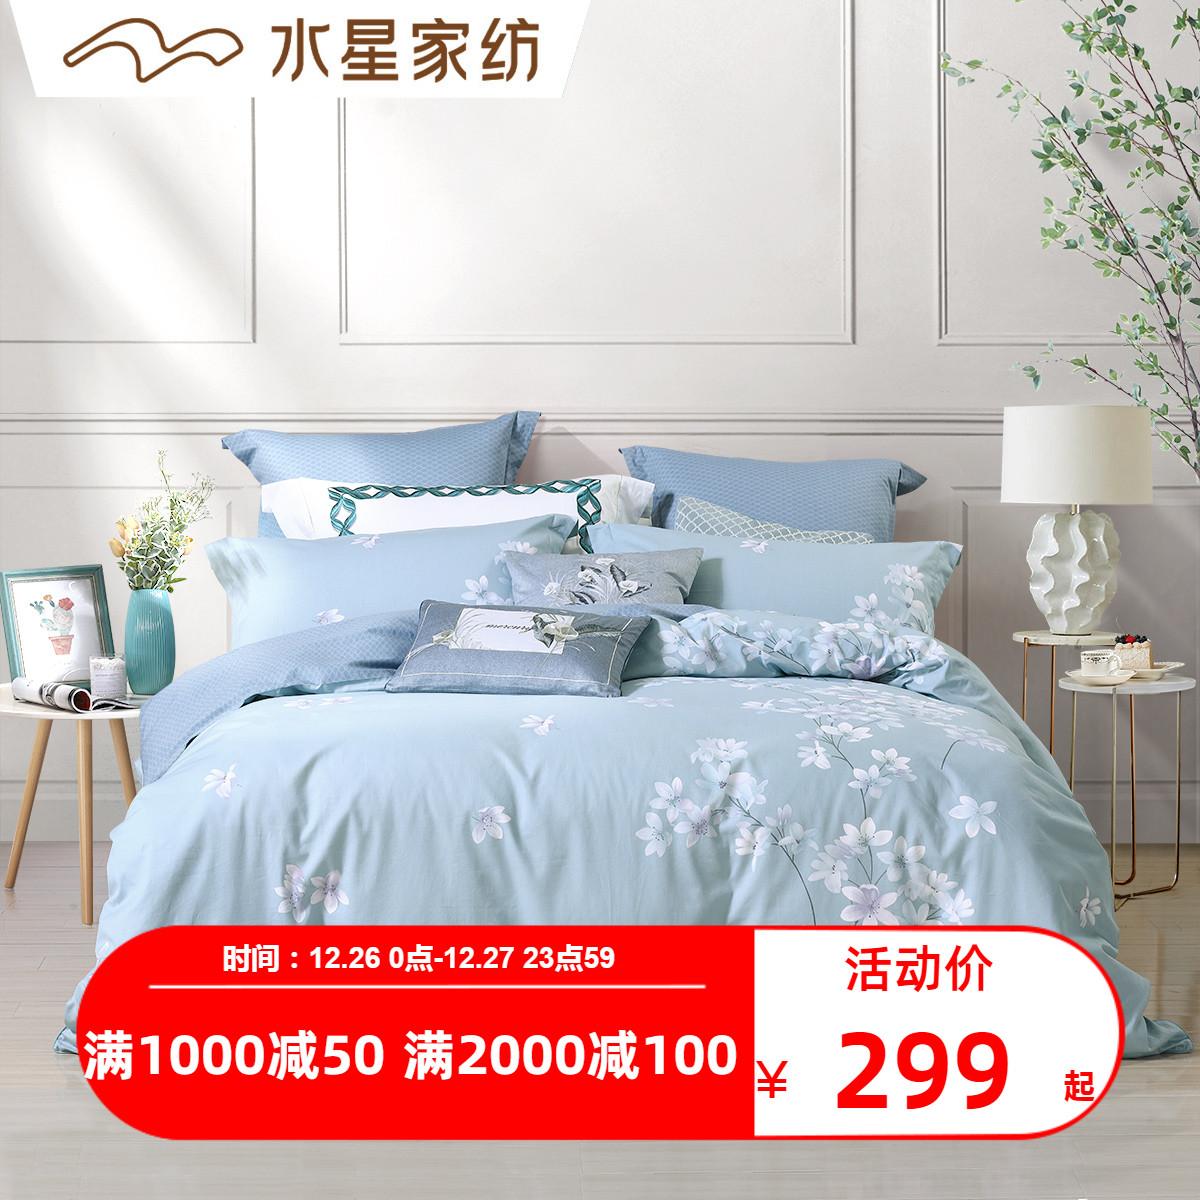 水星家纺全棉纯棉四件套床上用品蓝色被套花舞幽然 床上用品